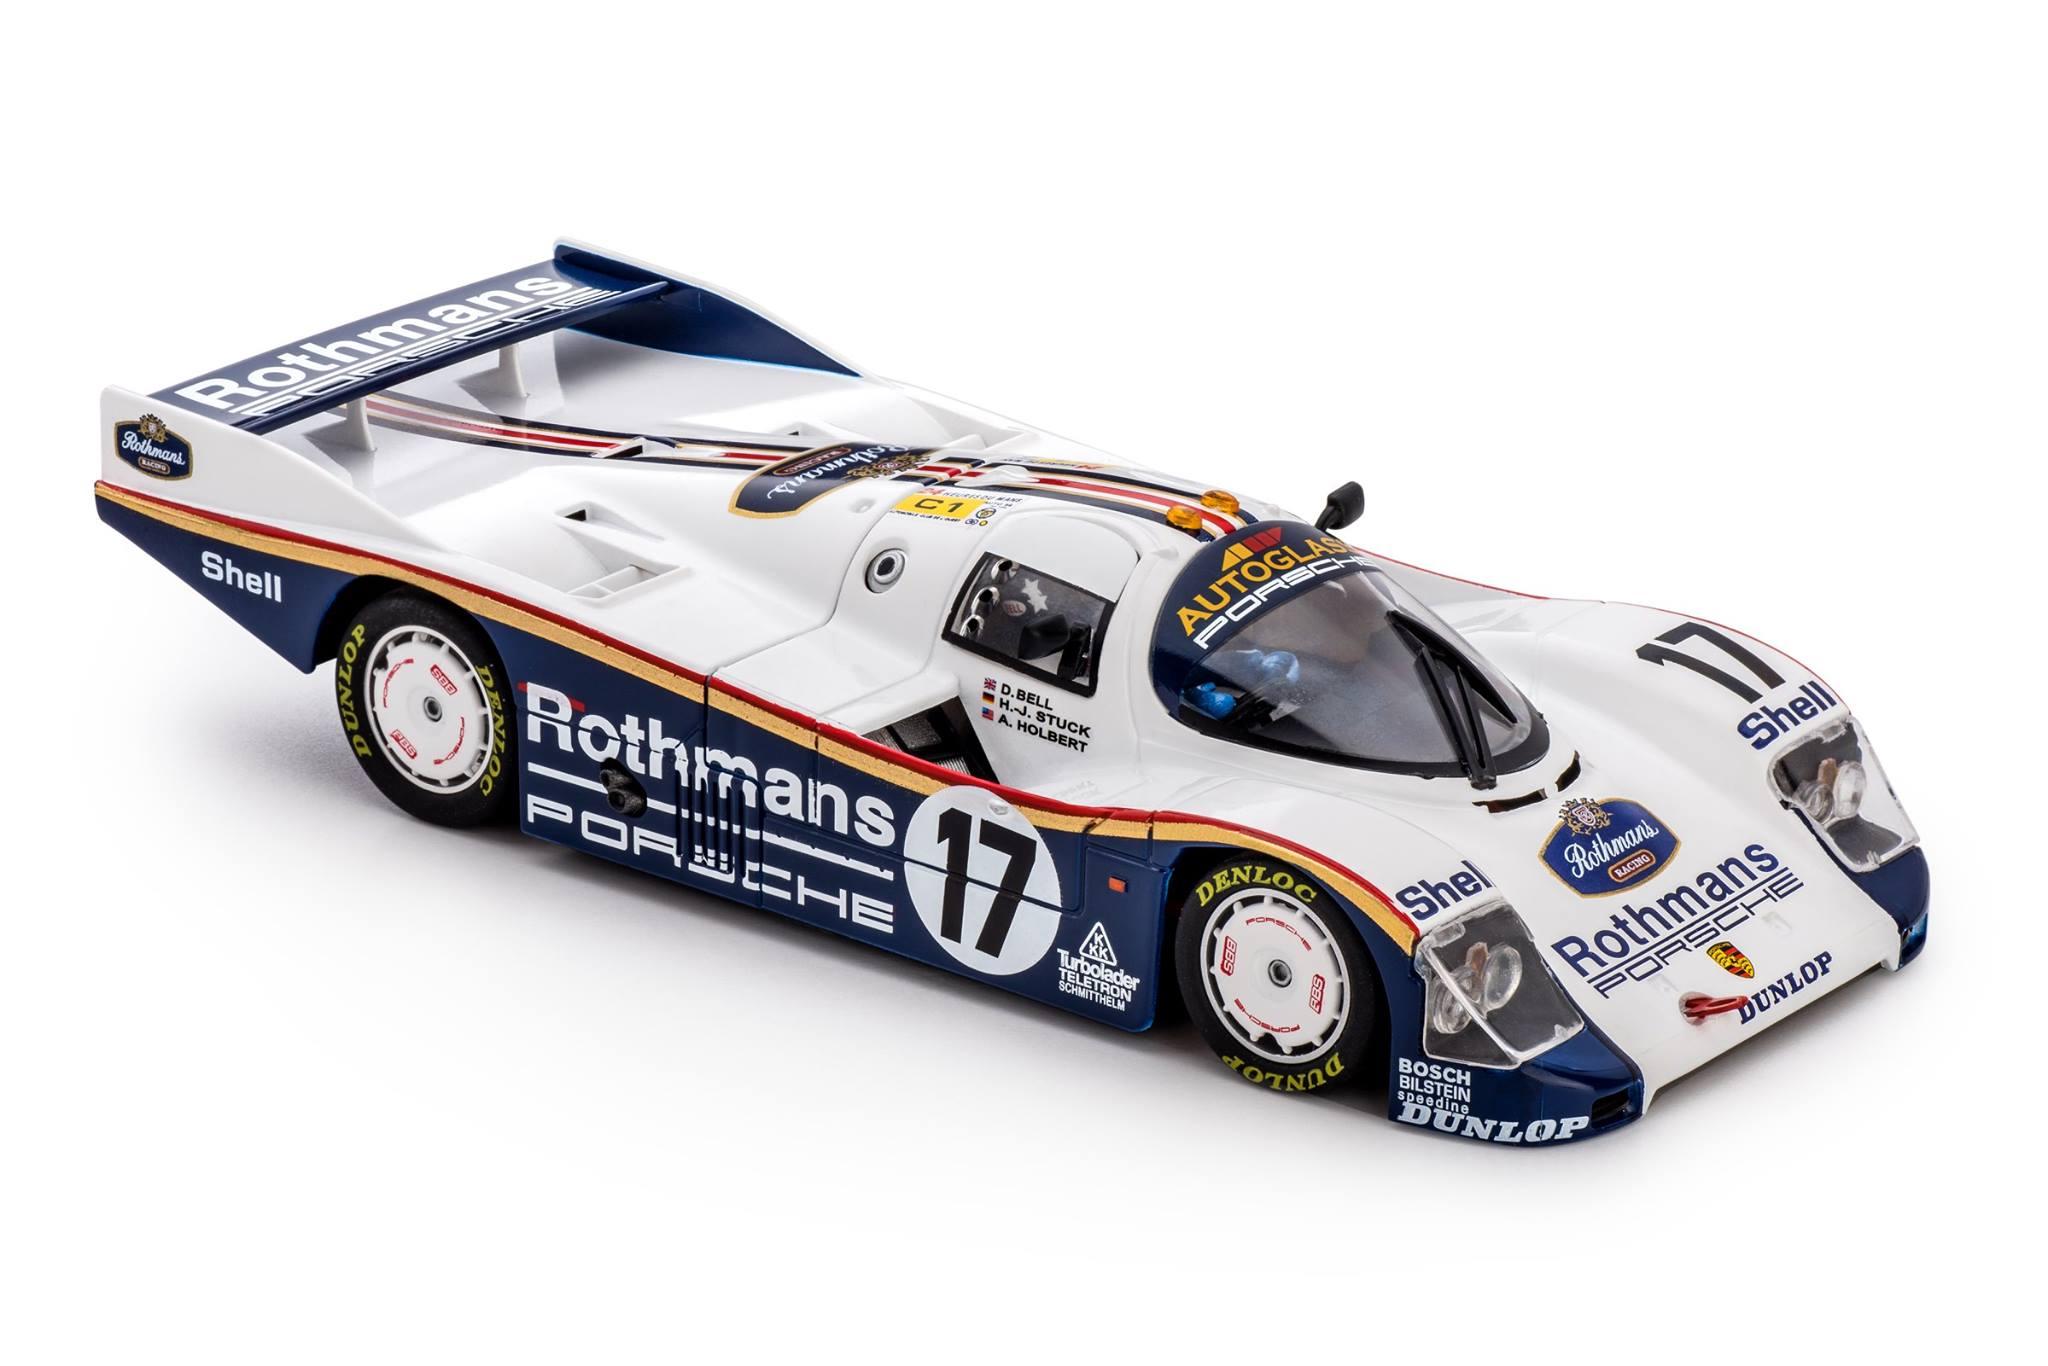 Porsche 962C LM Vainqueur - SI-CW20 Slot.it